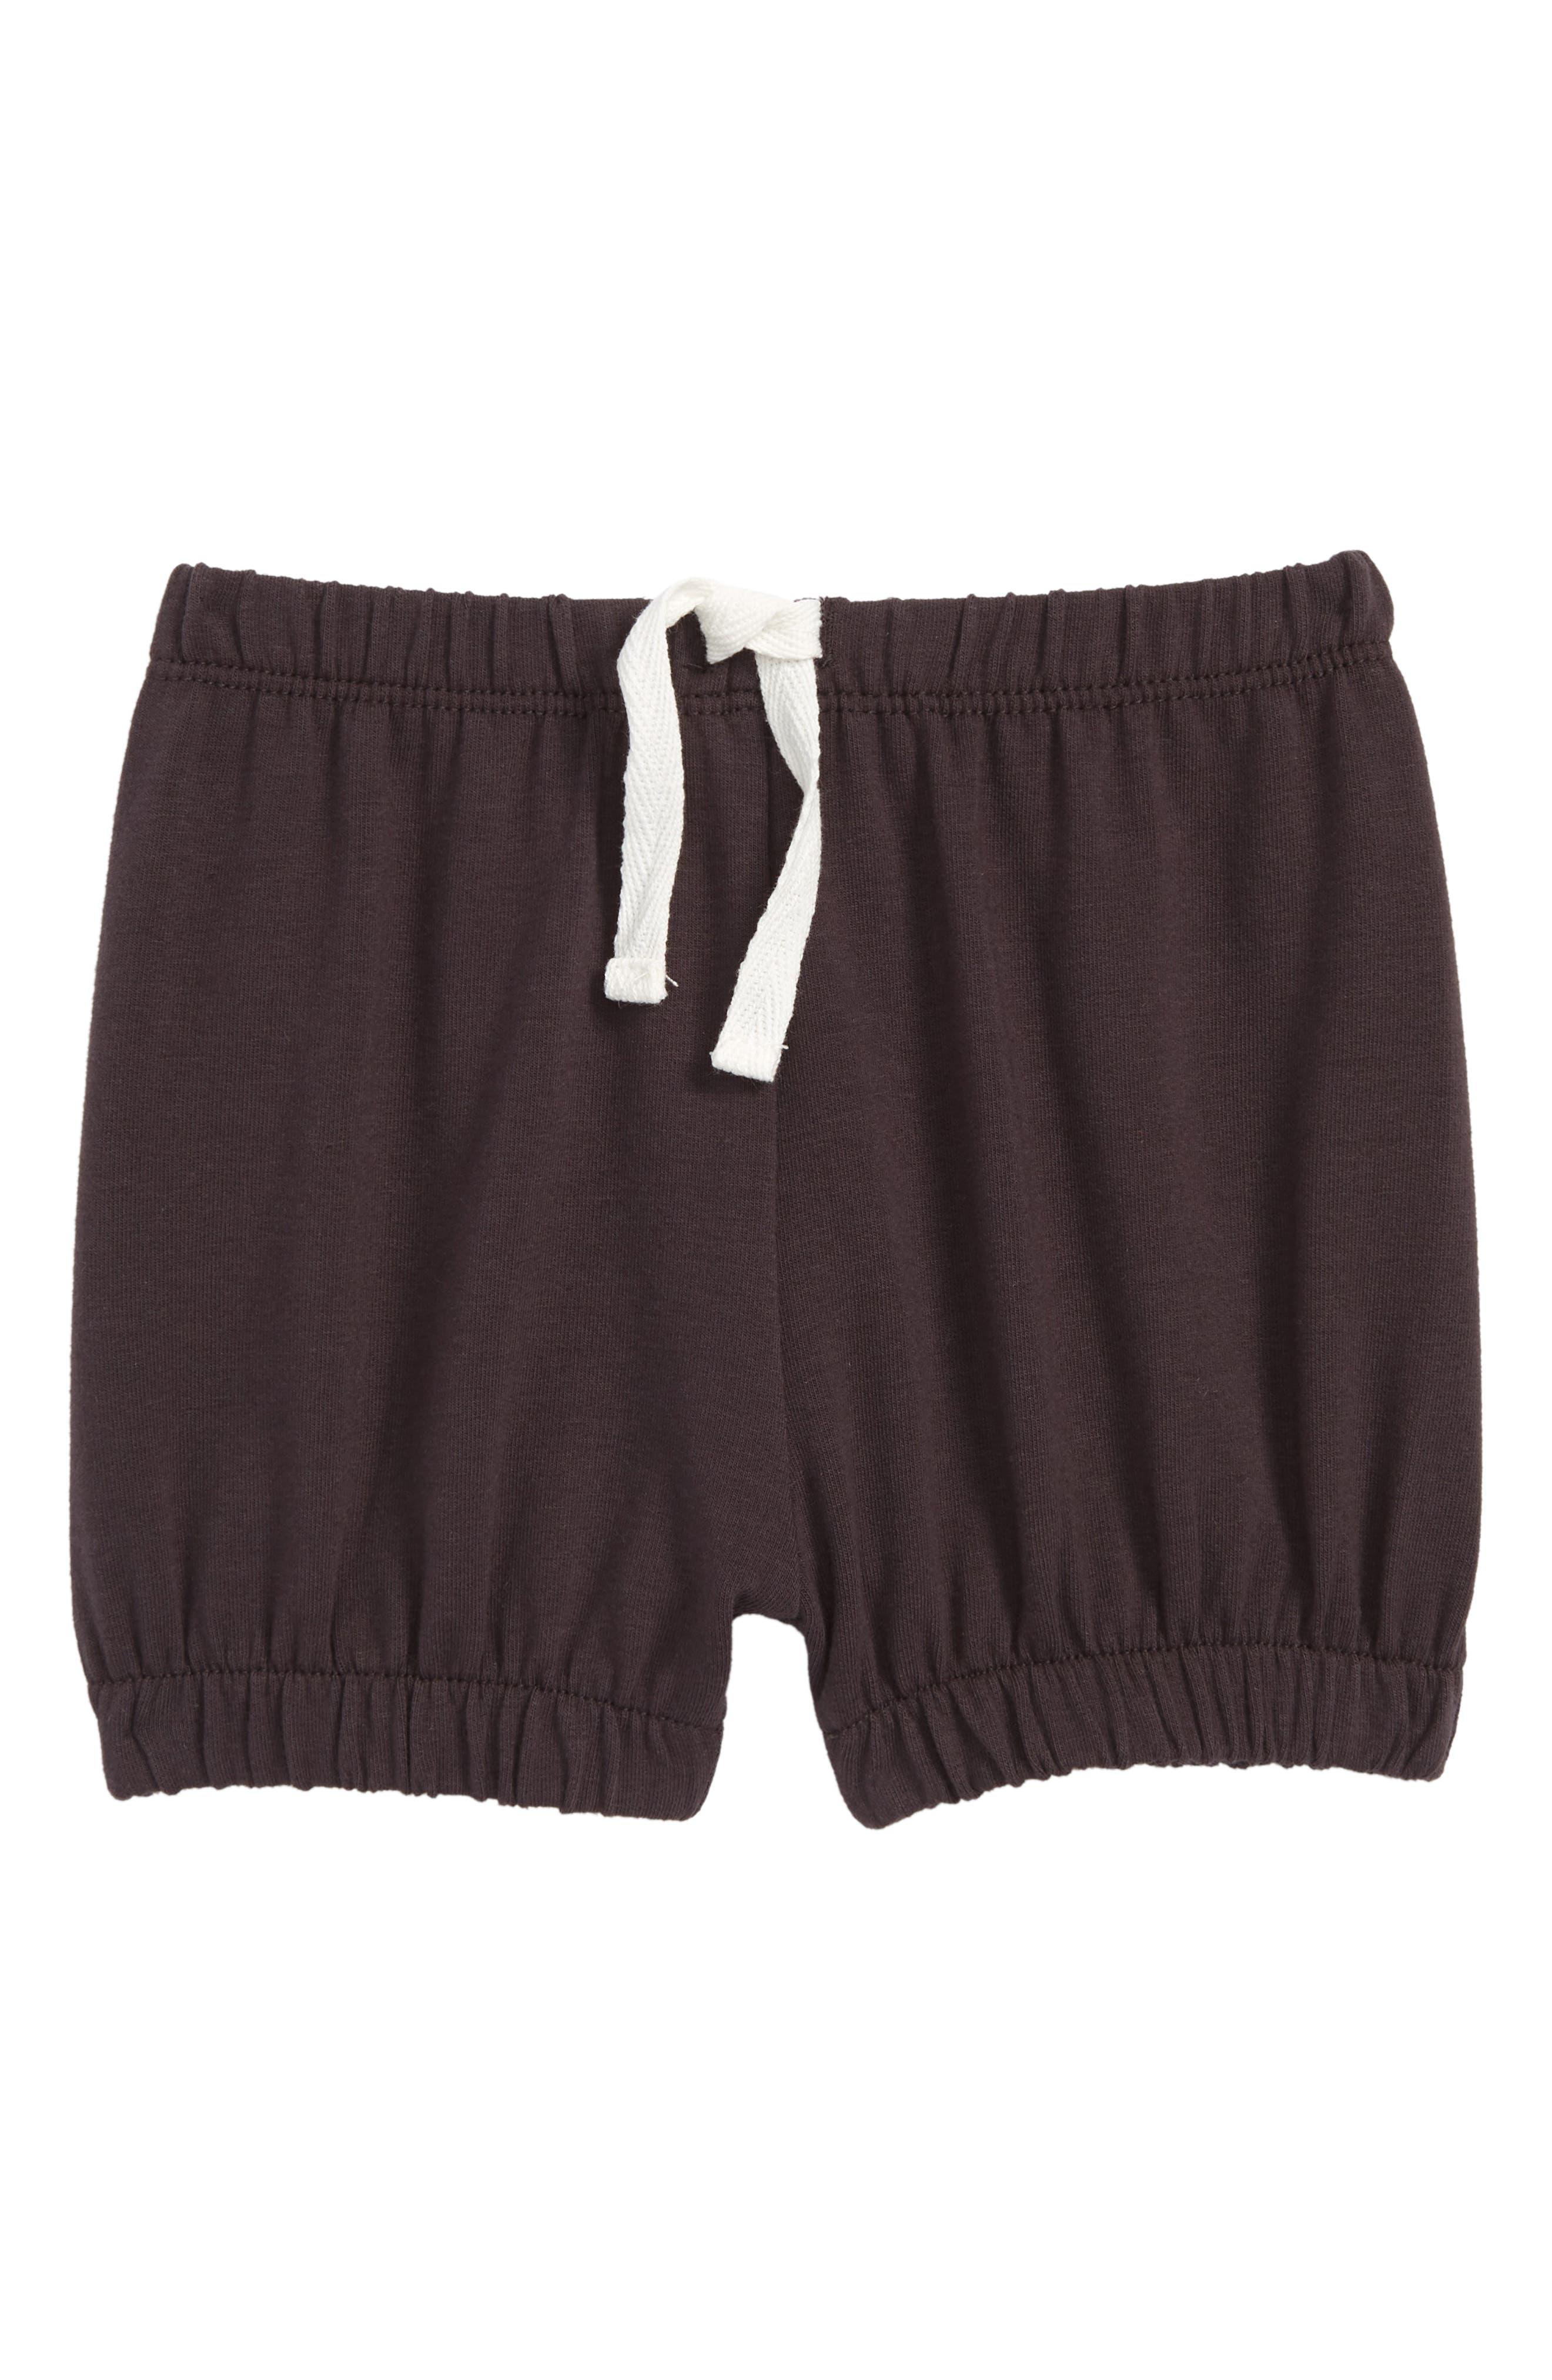 Knit Shorts,                             Main thumbnail 1, color,                             Dark Grey